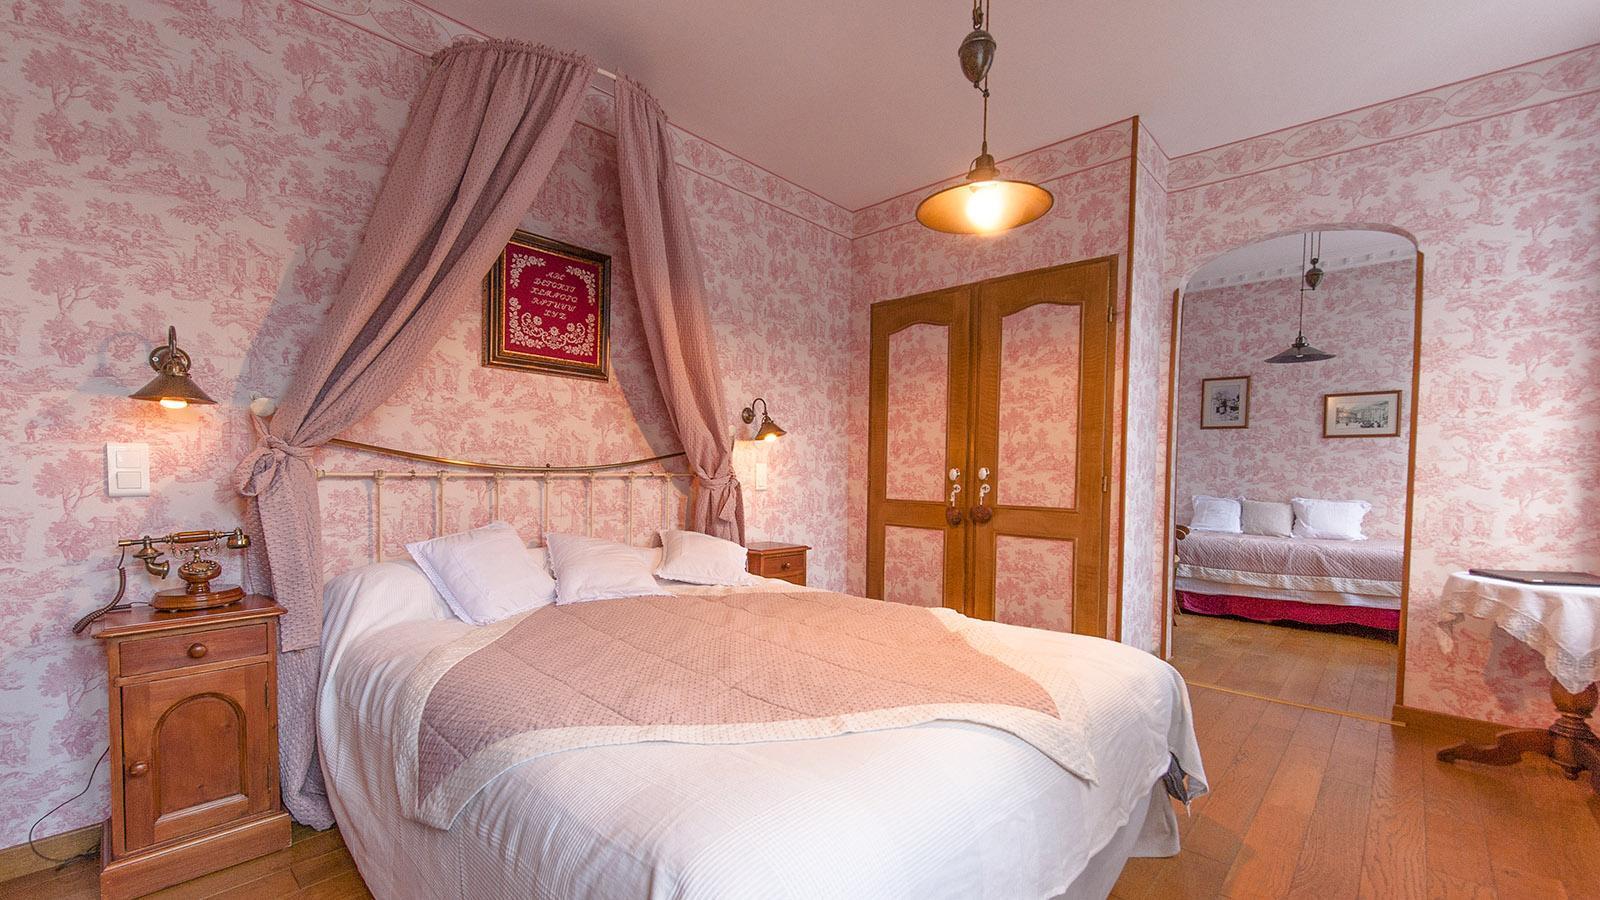 Cauterets: Komfortable Nostalgie: ein Gästezimmer des Hôtel Le Lion d'Or. Foto: Hilke Maunder